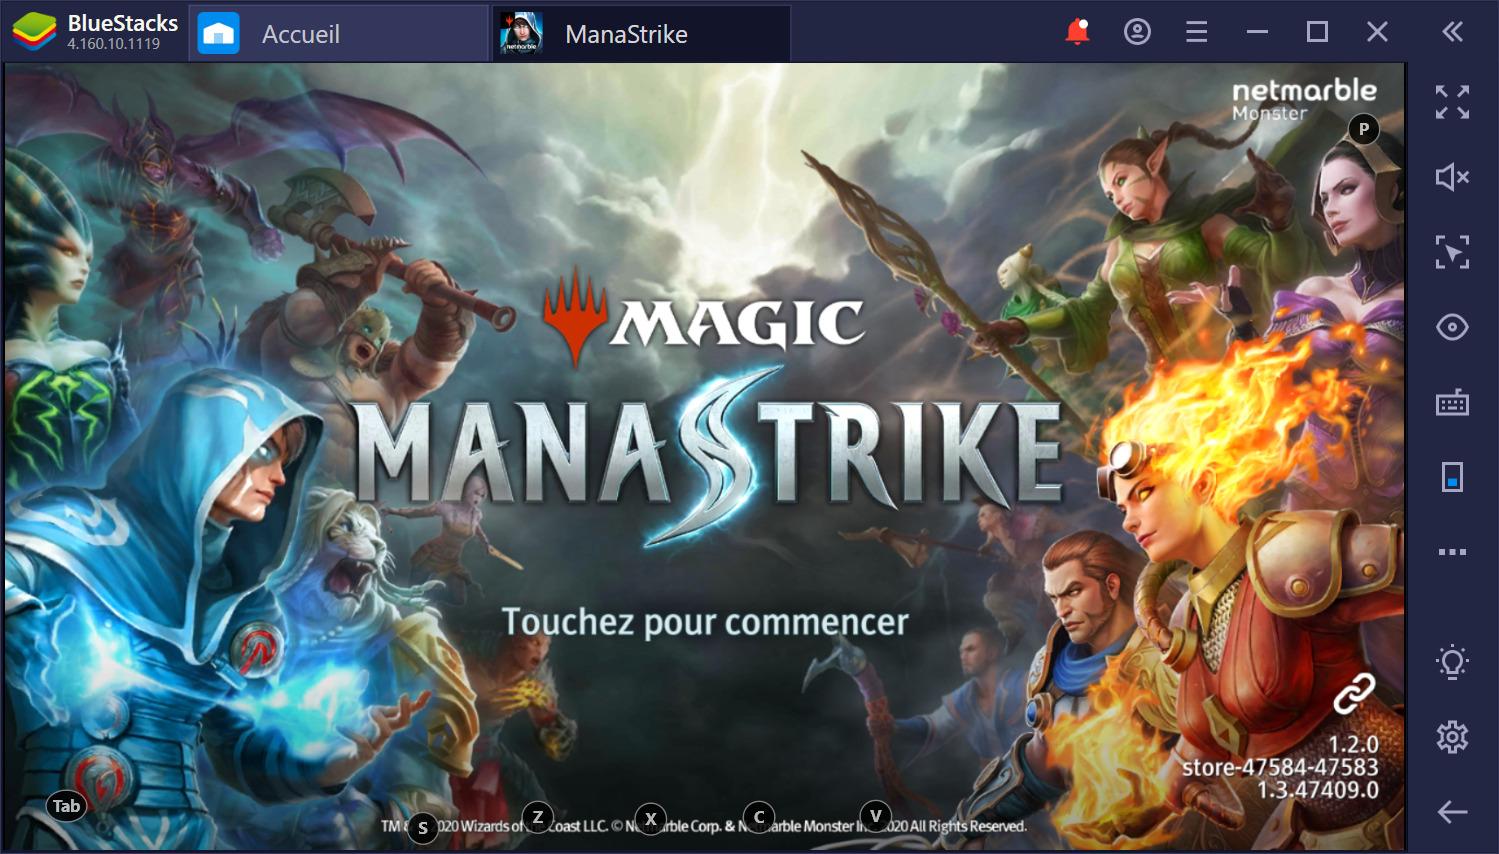 Aperçu de Magic : ManaStrike sur PC